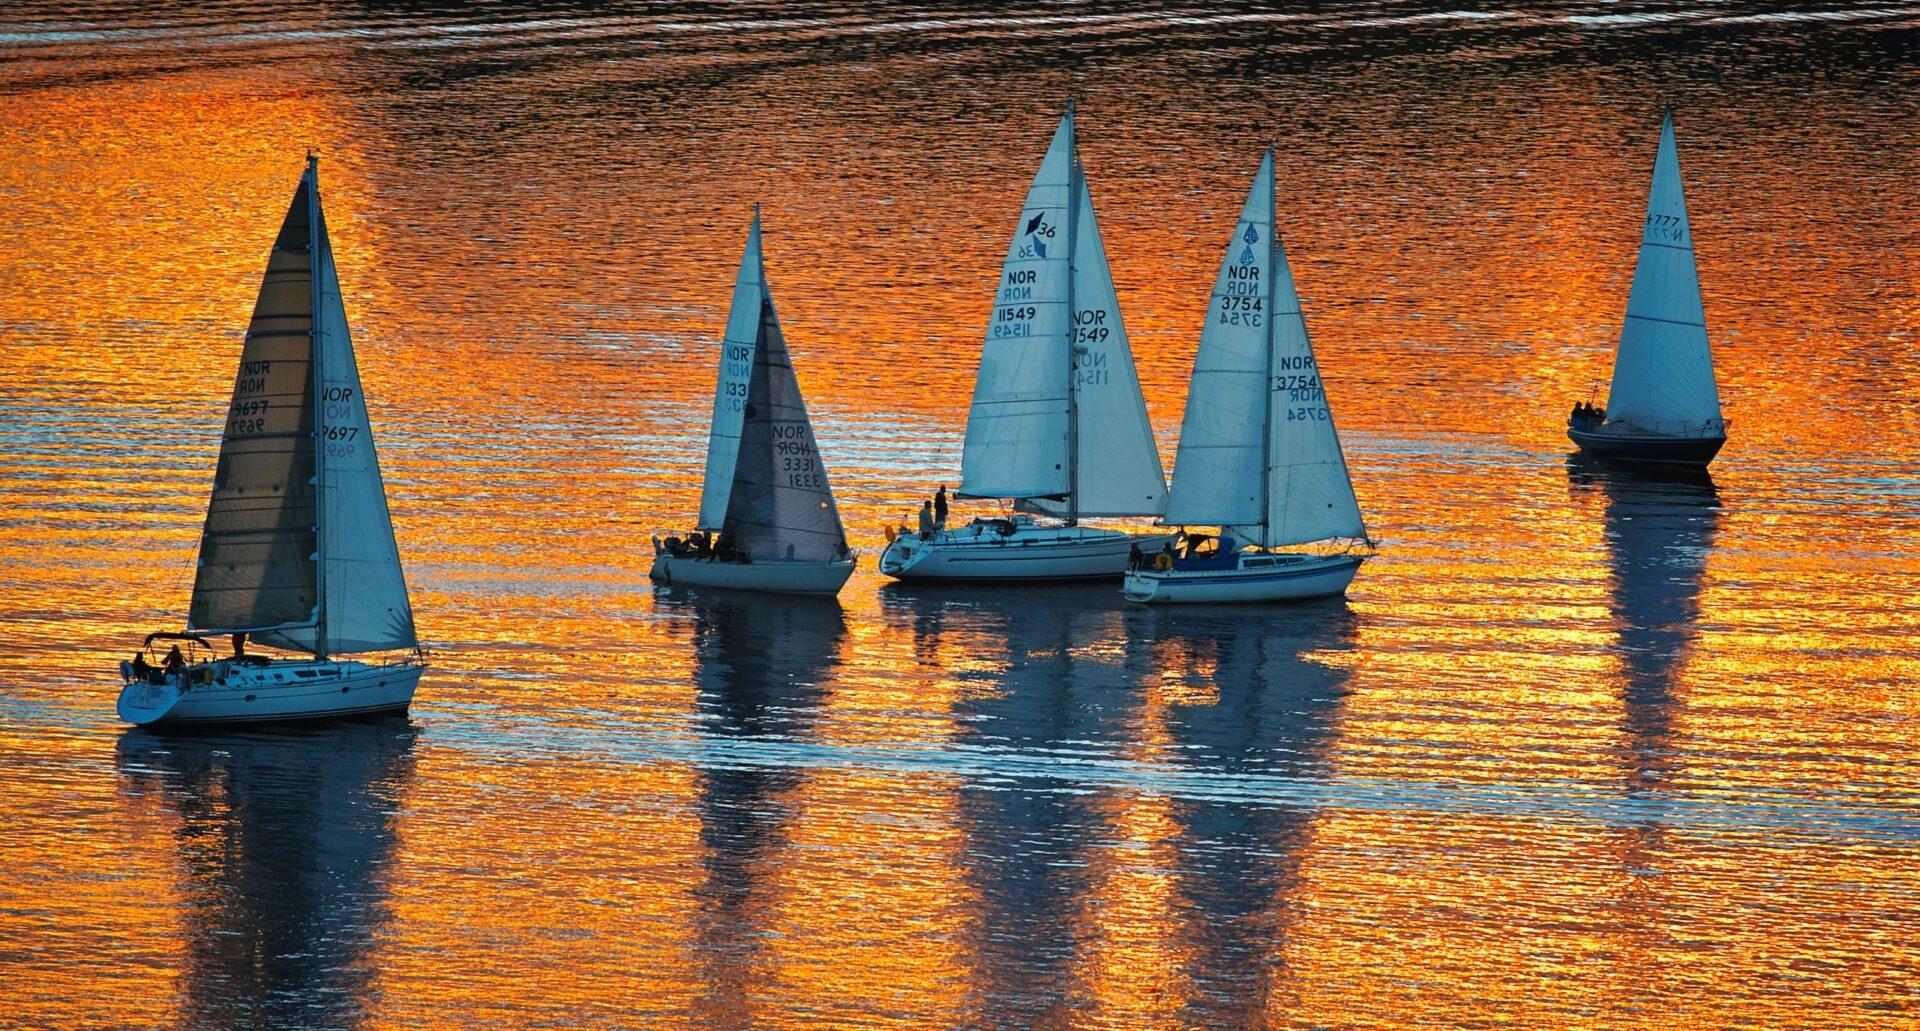 lago santa croce kite windsurf vela